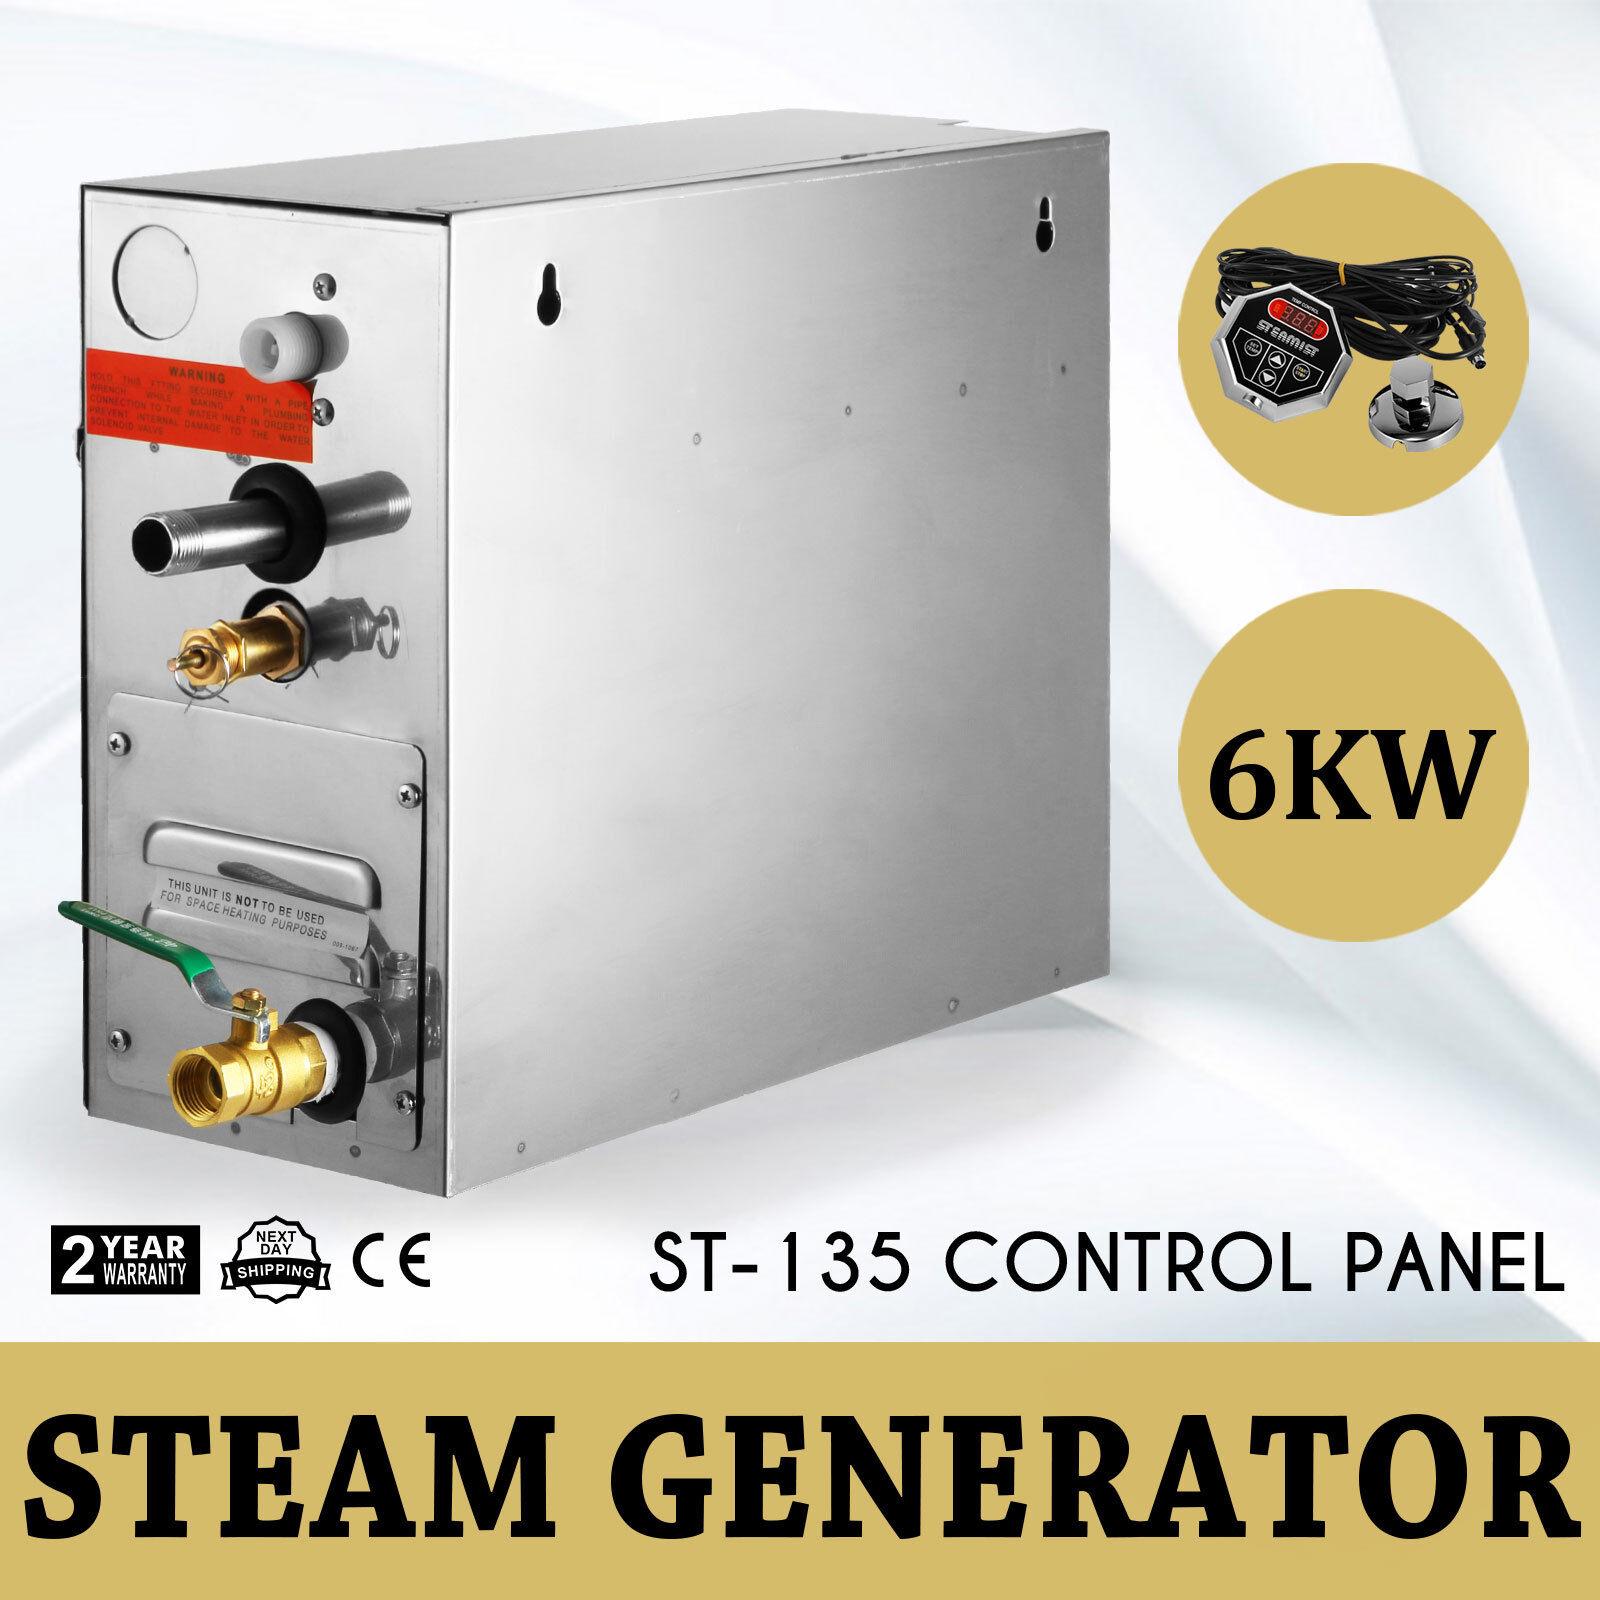 6kw Steam Generator Sauna Bath Home Spa Shower Steam Room Controller ...